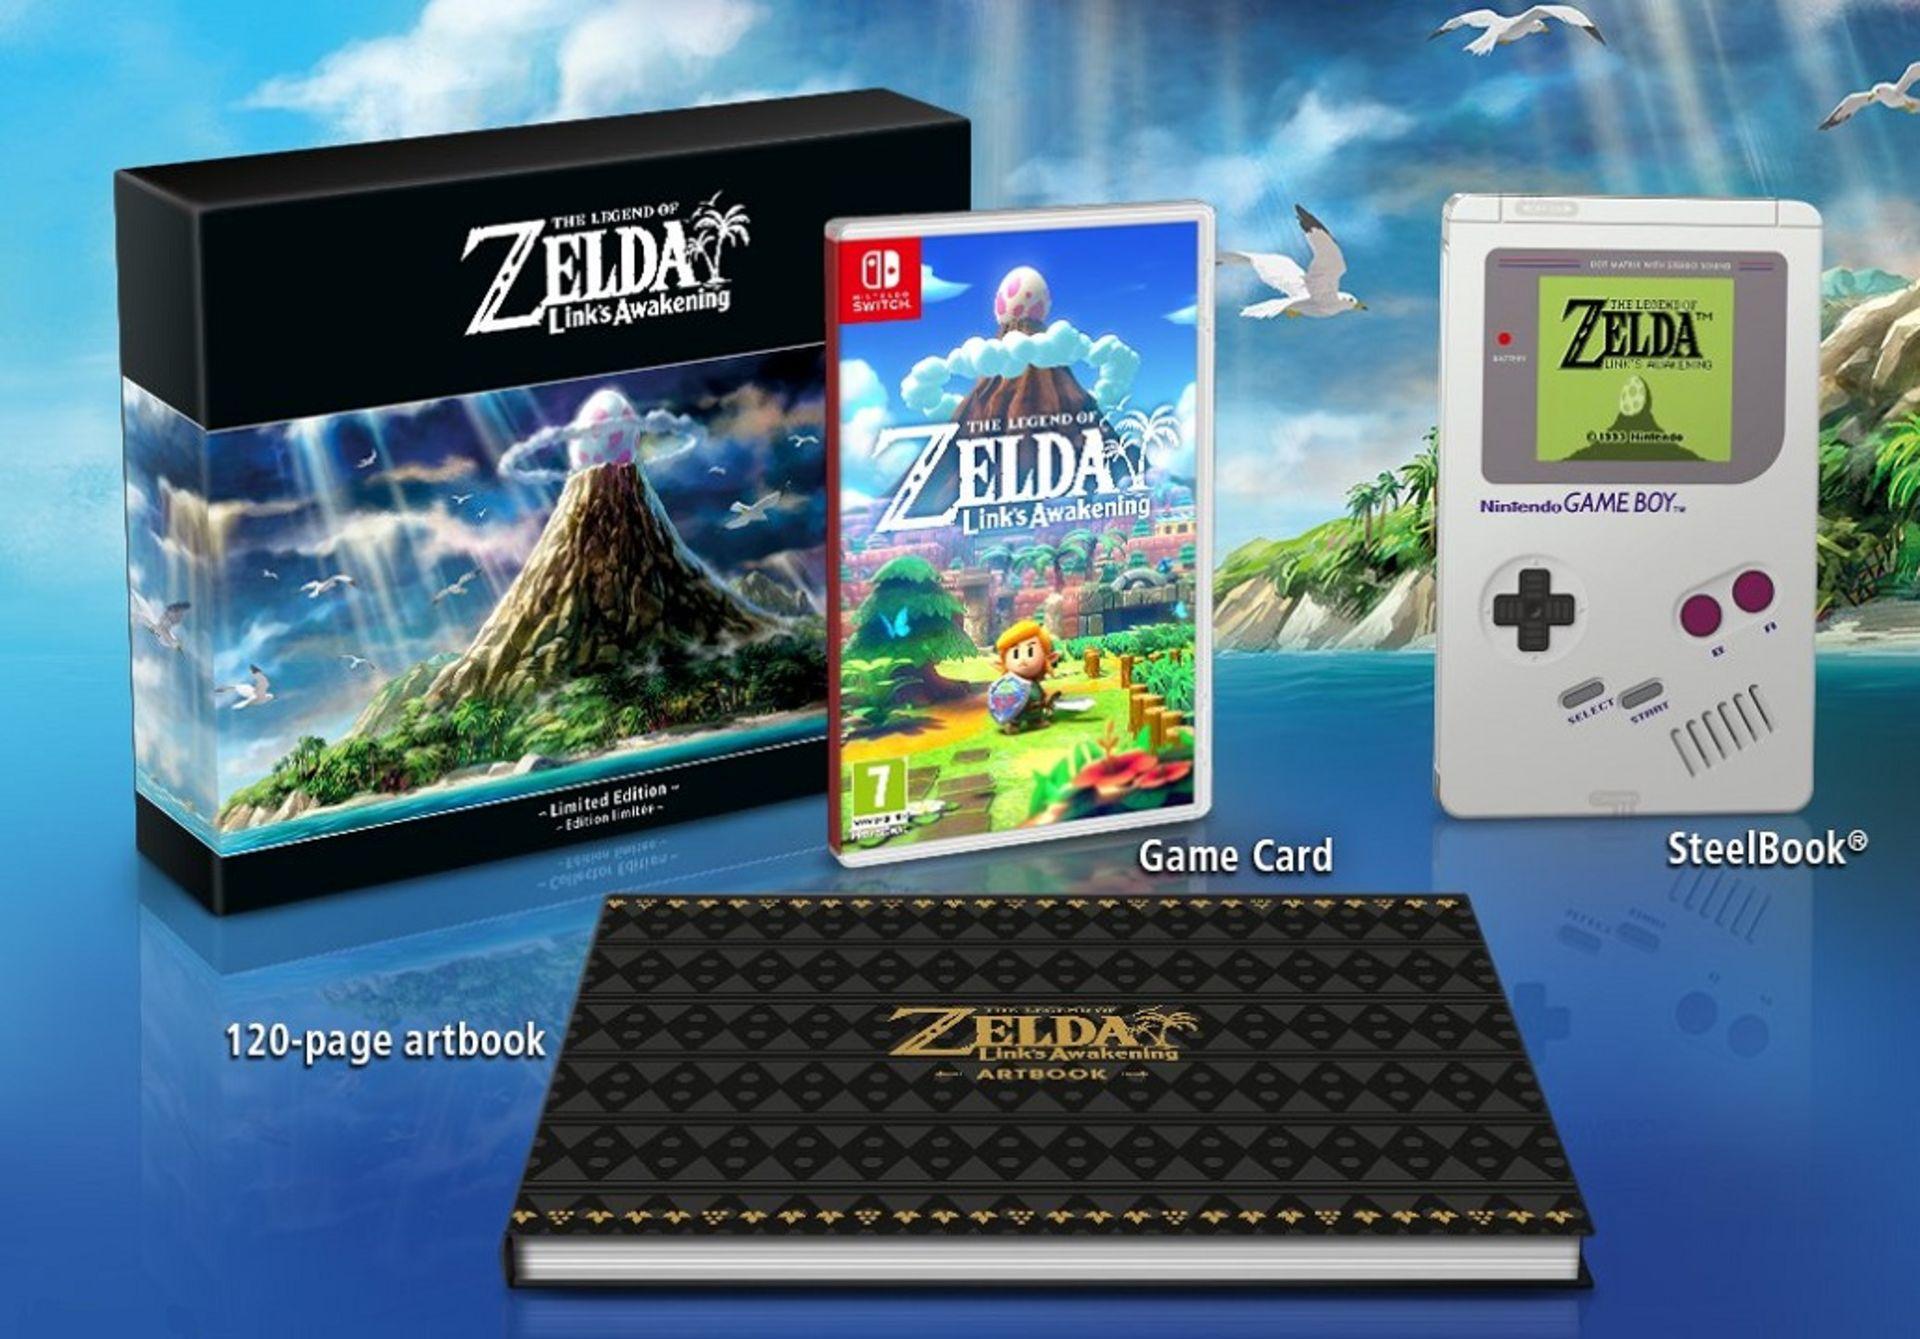 เผย The Legend of Zelda: Link's Awakening Limited Edition พร้อมอาร์ตบุ๊คและกล่องเกมบอย